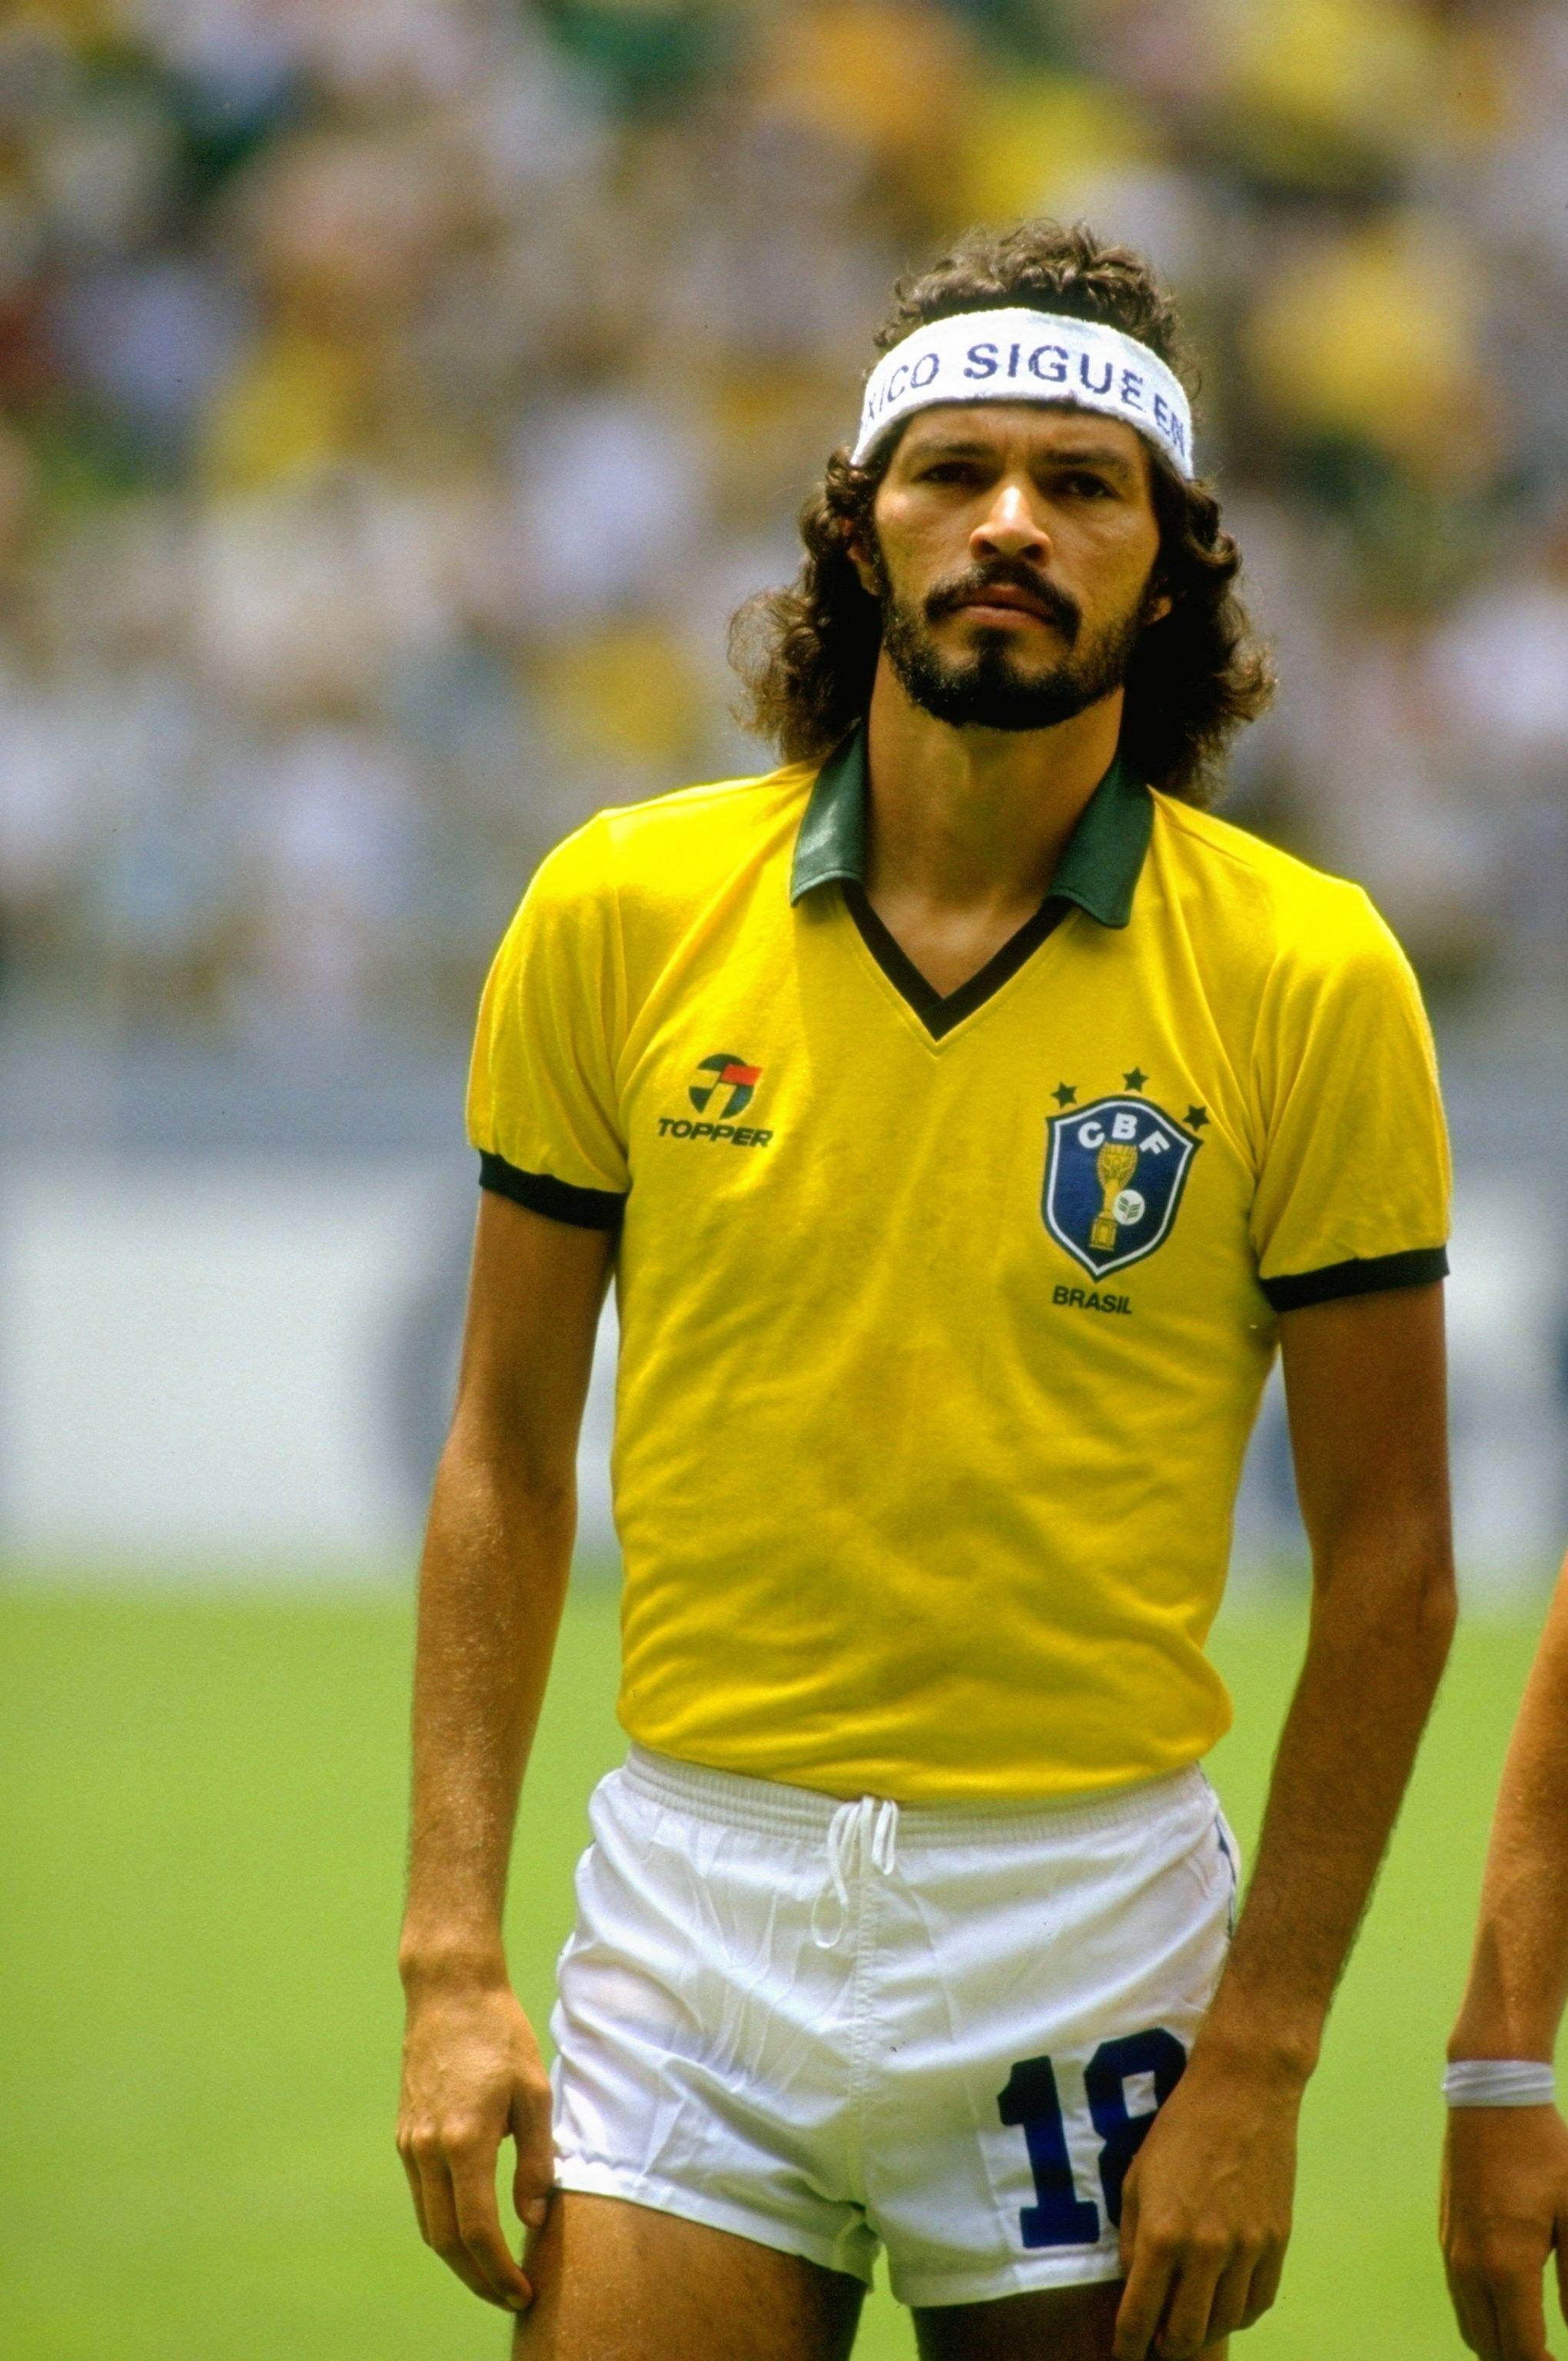 Socrates E Eleito Um Dos Seis Atletas Mais Inteligentes Da Historia Camisas Retro Futebol Selecao Brasileira De Futebol Futebol Brasileiro